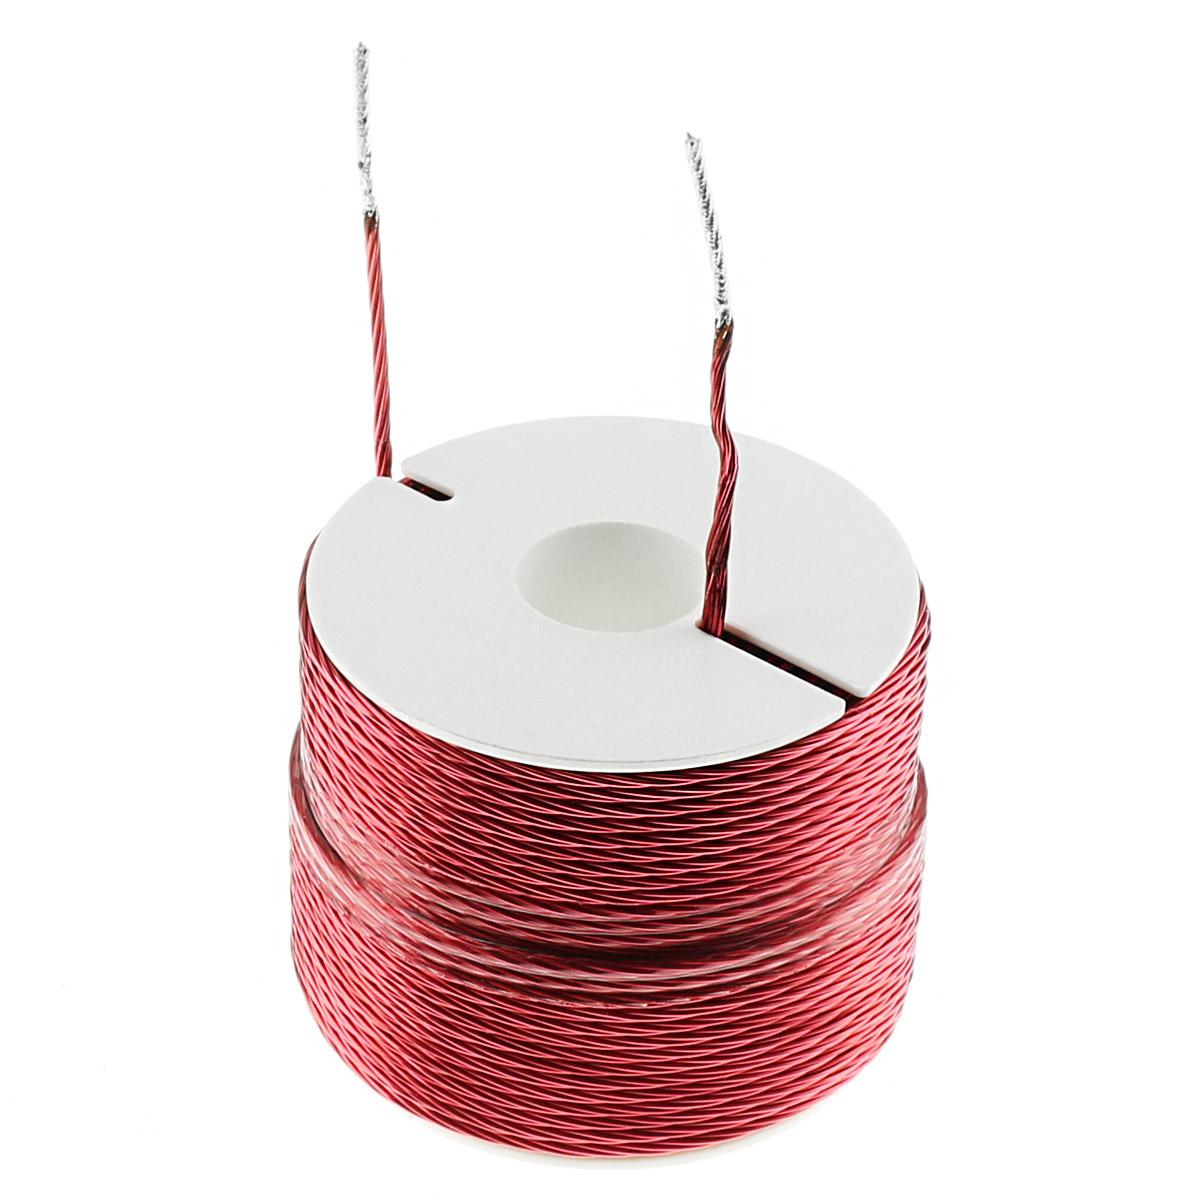 MUNDORF LL60 7 Strands Copper Wire Coil 2.7mH